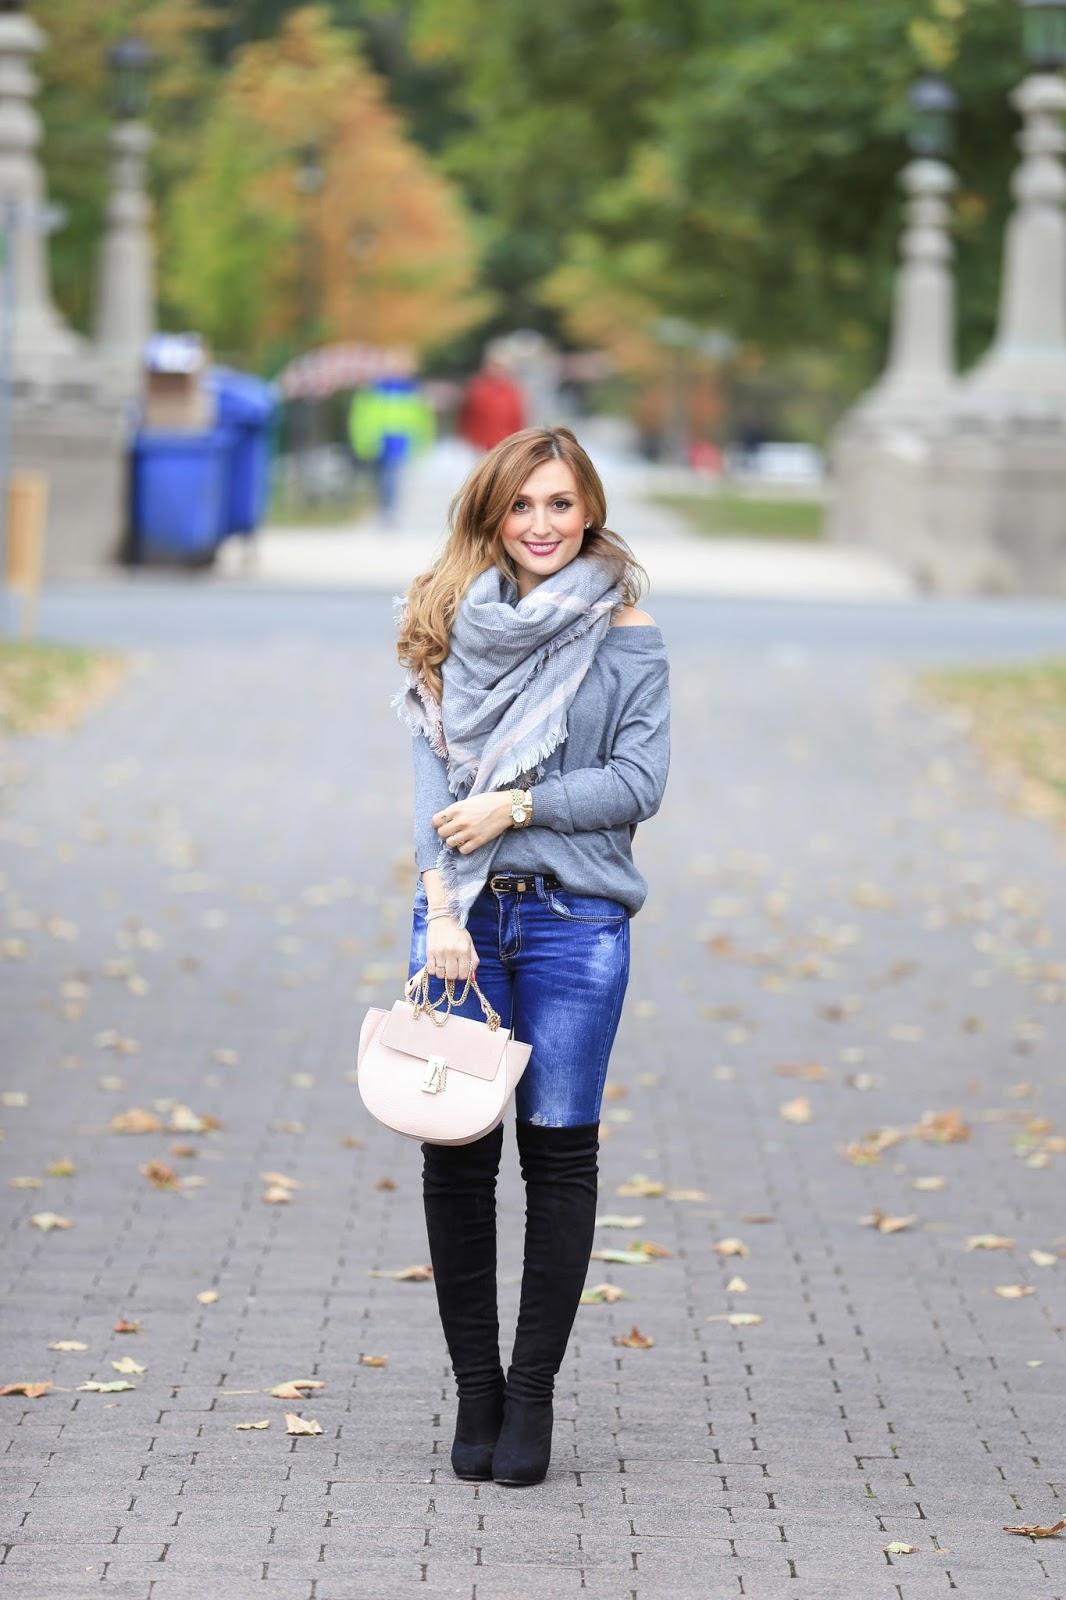 C&A-C&A Blogger-Fashionblogger aus Deutschland-Herbstlooks-Was trage ich im Winter-Overknees-Overknees kombinieren-wie kombiniere ich Overknees-Stiefel-Trends Winter2016-Winter Must Have-Bloggersty